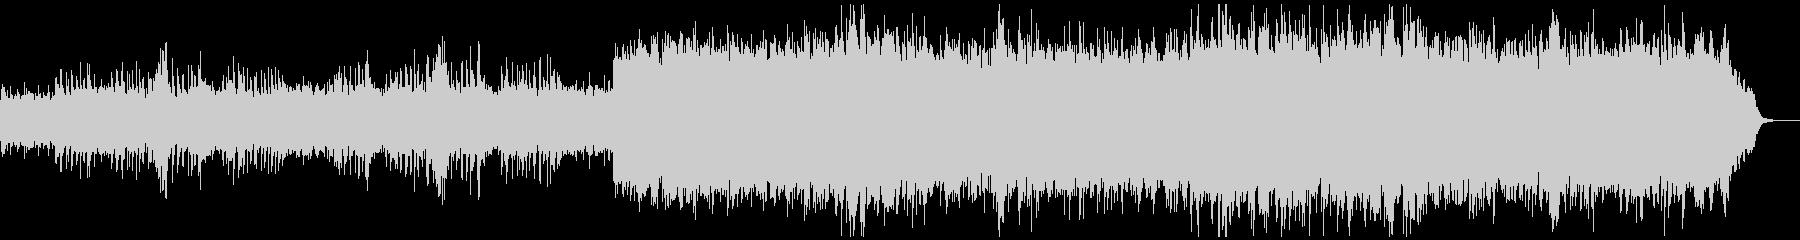 アコースティックギター草原のイメージの未再生の波形